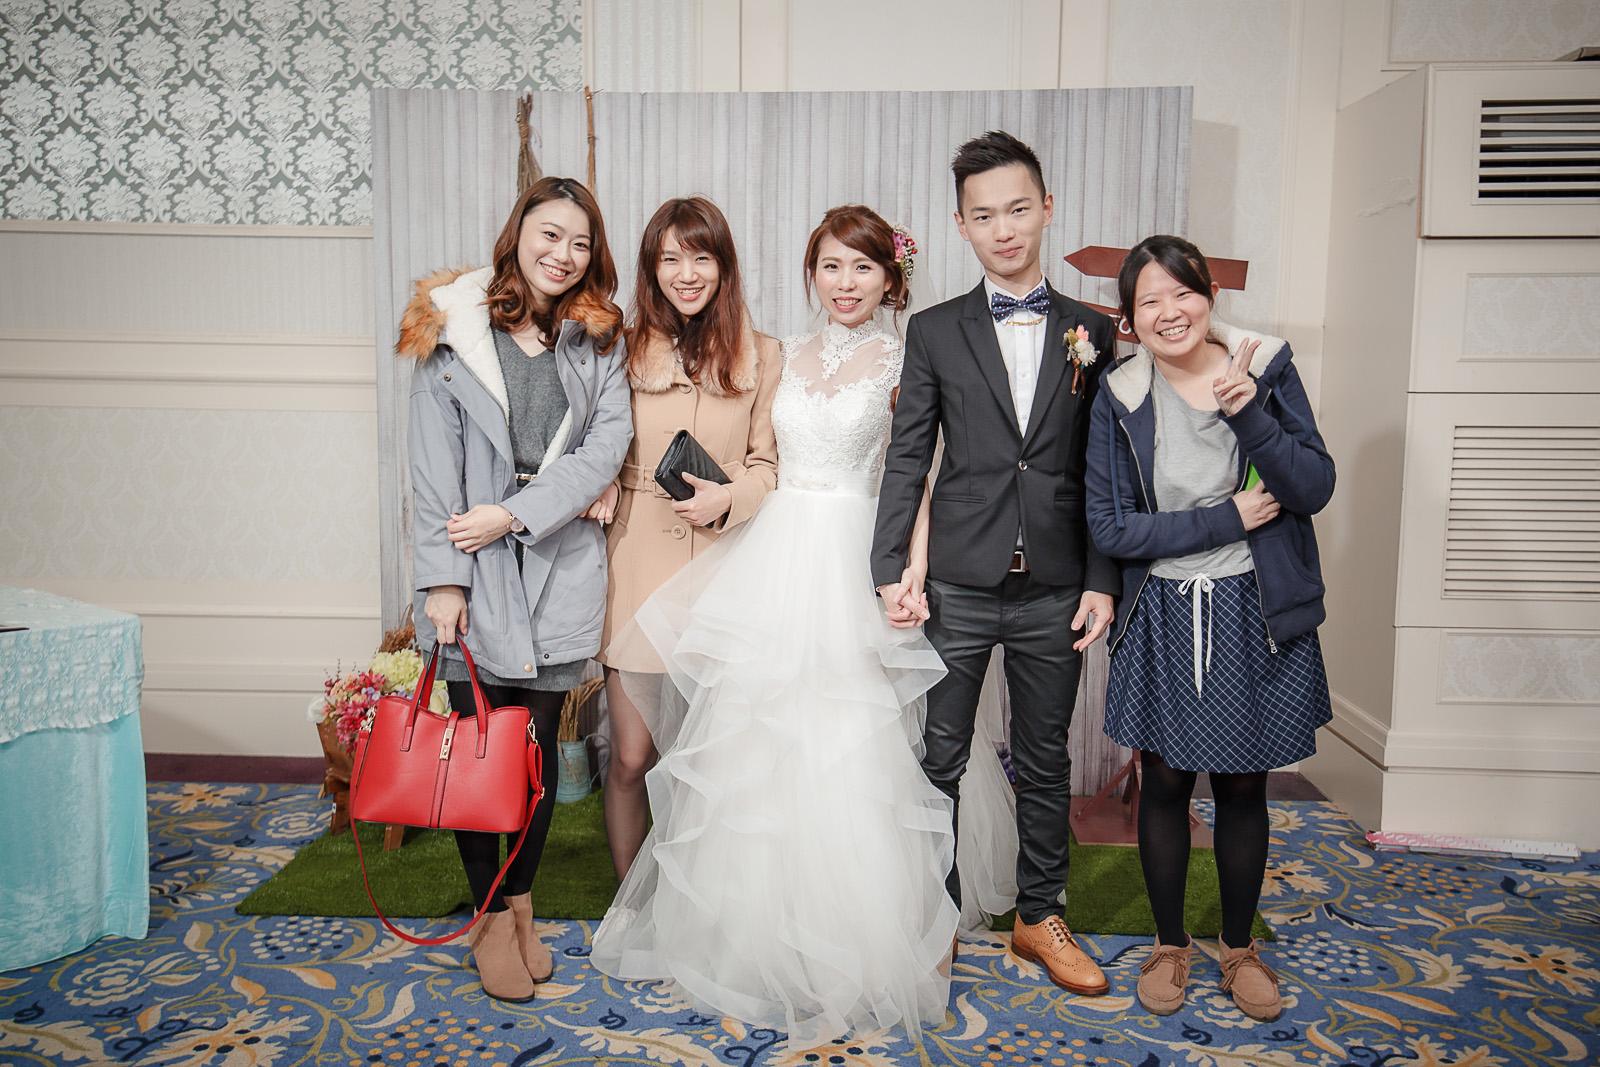 高雄圓山飯店,婚禮攝影,婚攝,高雄婚攝,優質婚攝推薦,Jen&Ethan-202